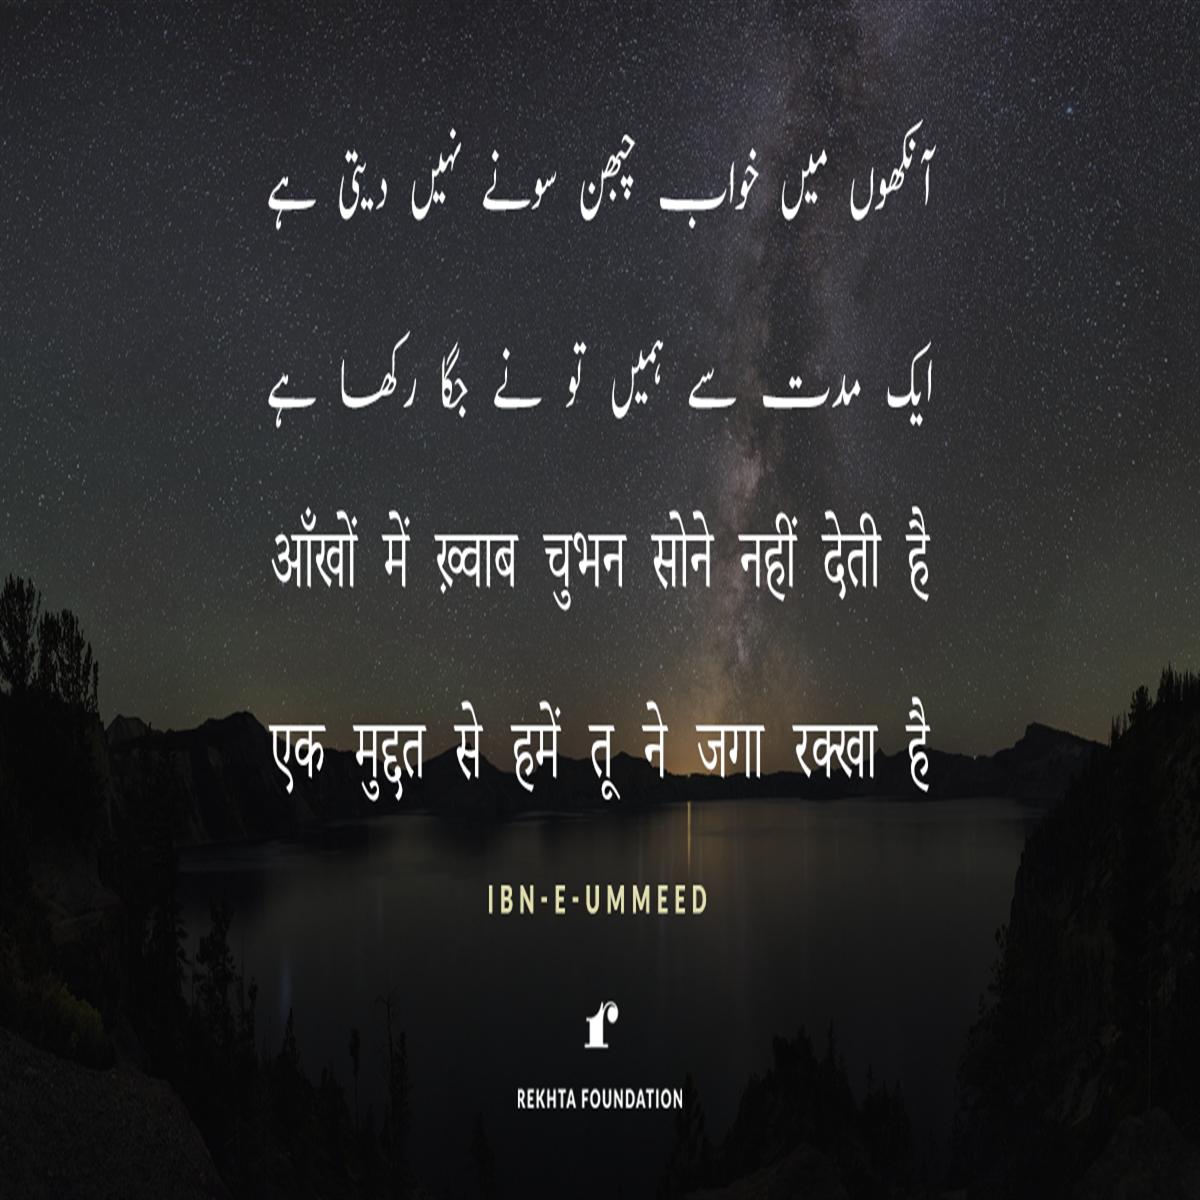 Ibn-e-Ummeed